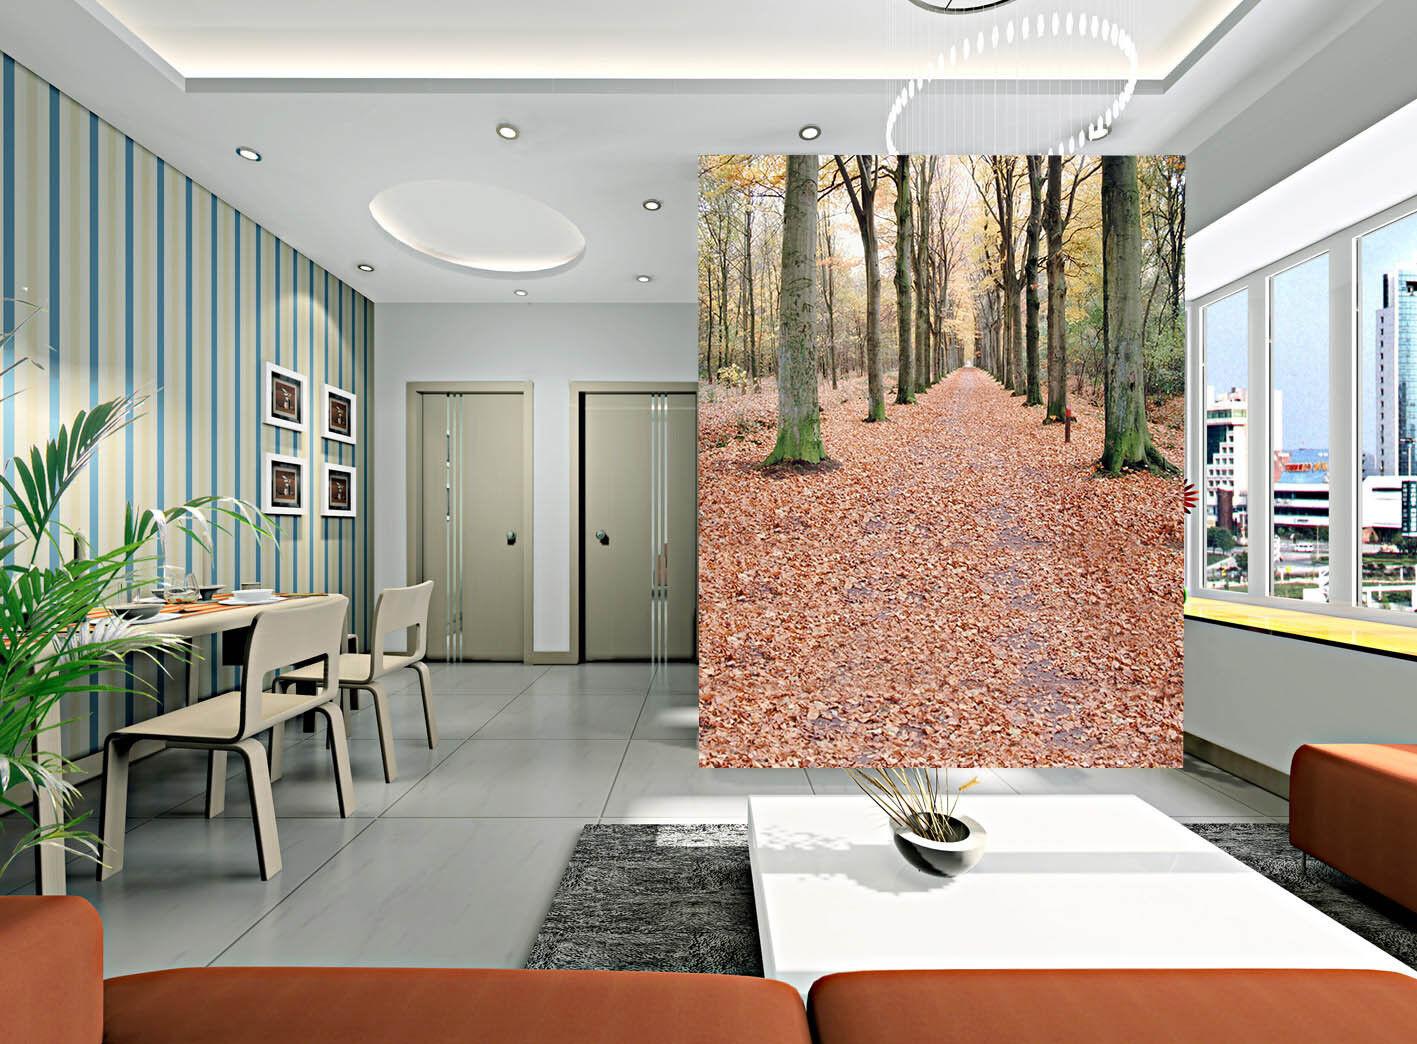 Papel Pintado Mural De Vellón Bosque Caducifolio 22 Paisaje Fondo De Pansize ES